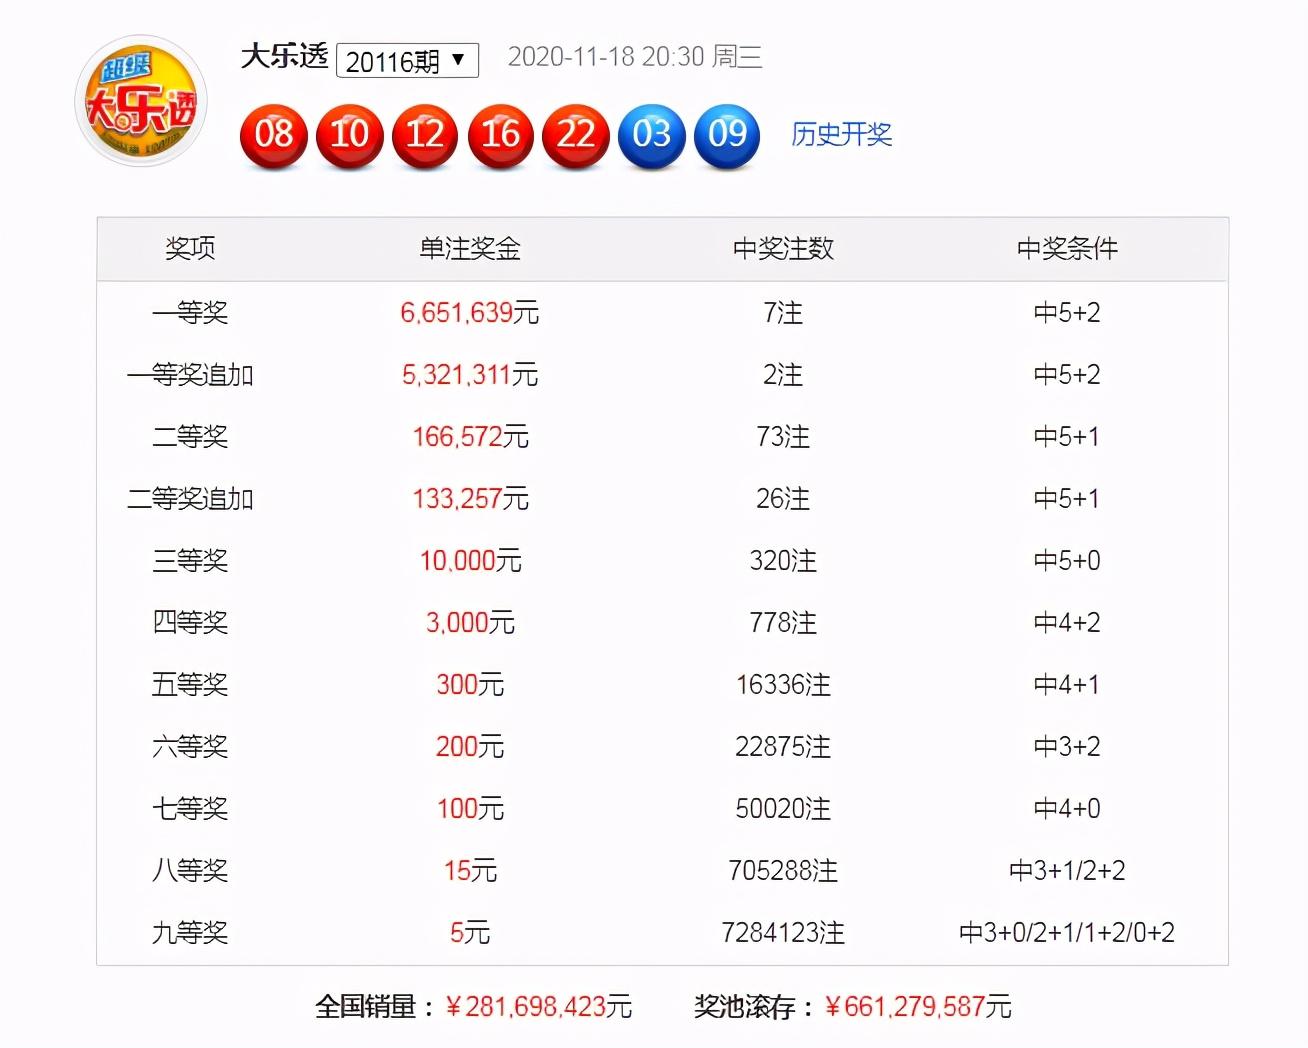 苏明大乐透20117期:后区偶数强势转热